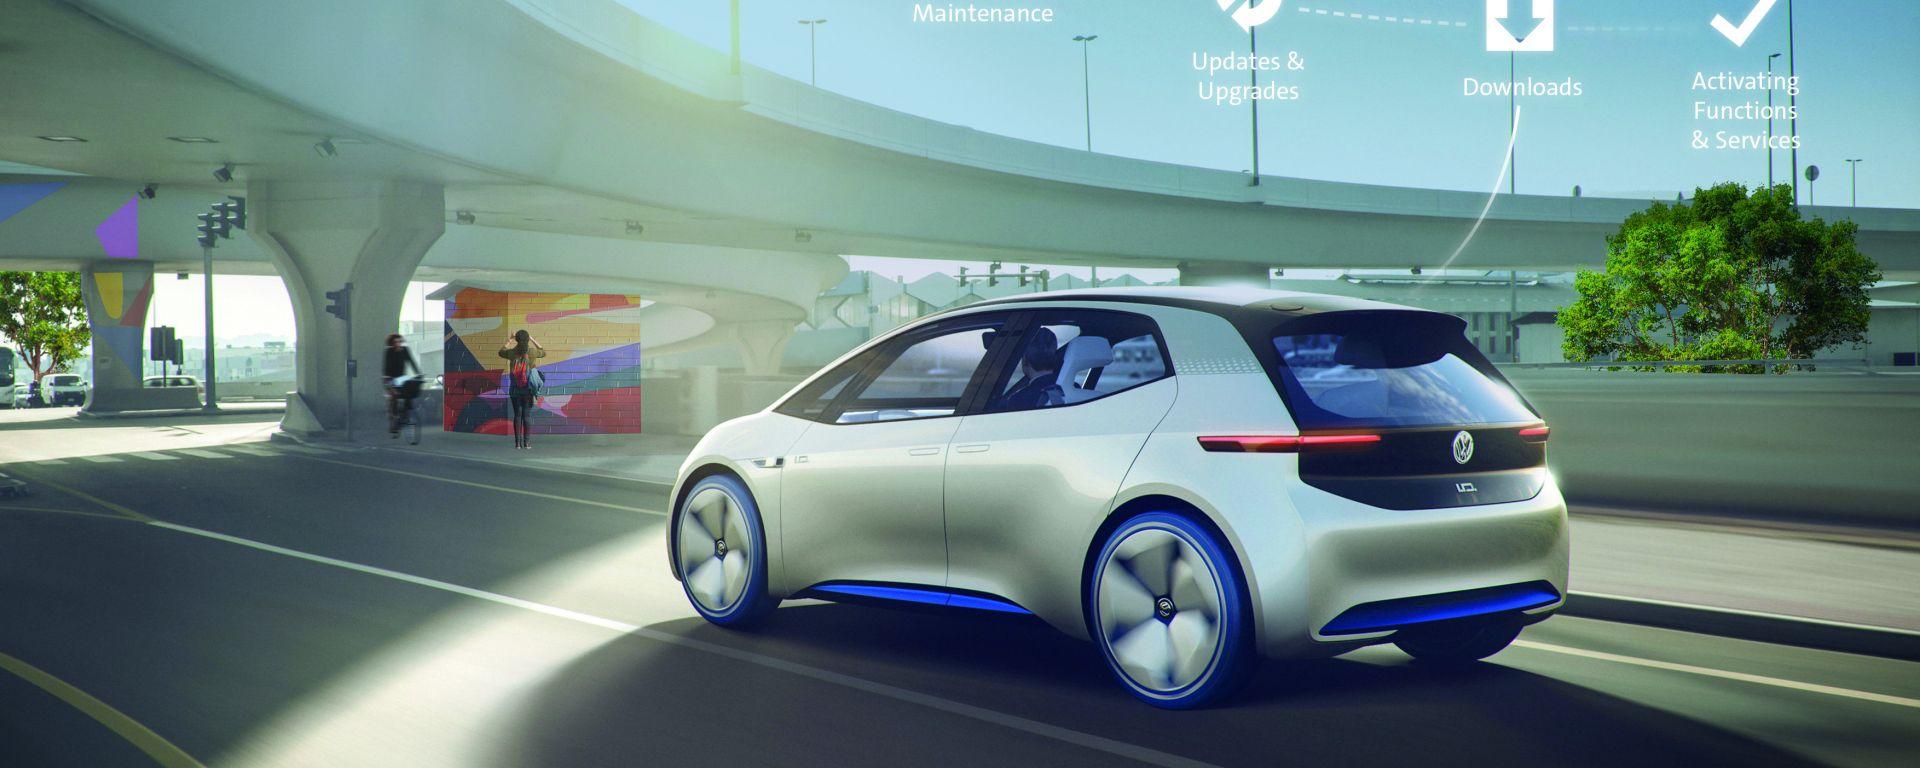 Guida autonoma, Volkswagen e Microsoft rafforzano la partnership